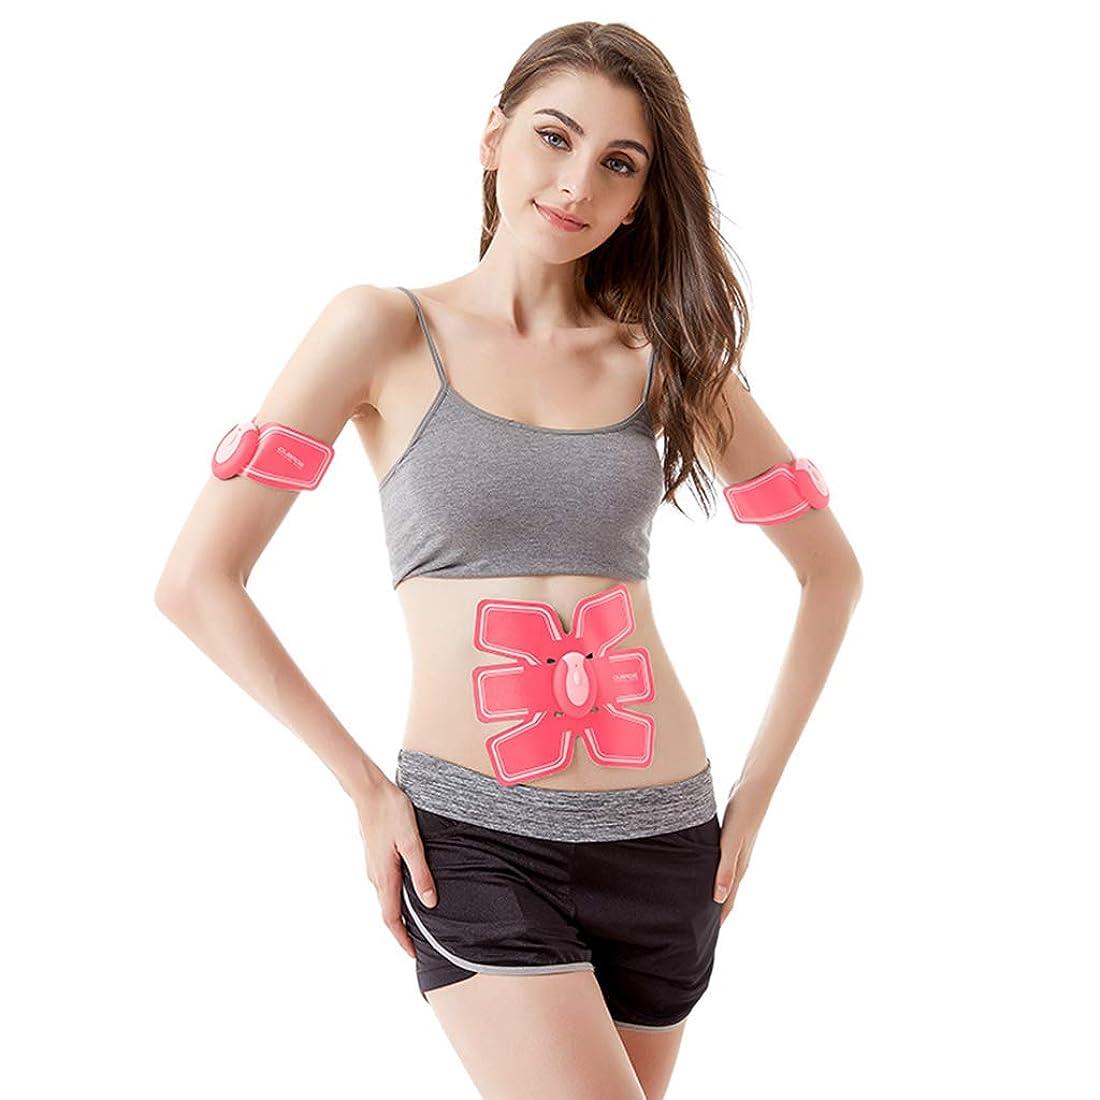 周囲もろい空の腹部の調子を整えるベルト、腹部の筋肉フィットネスベルトのホームオフィスの腹部筋肉トレーナーの女性スマートフィットネス器械筋肉腹部トレーナーボディービルの腹ベルト (Color : PINK, Size : 17.8*15.2CM)